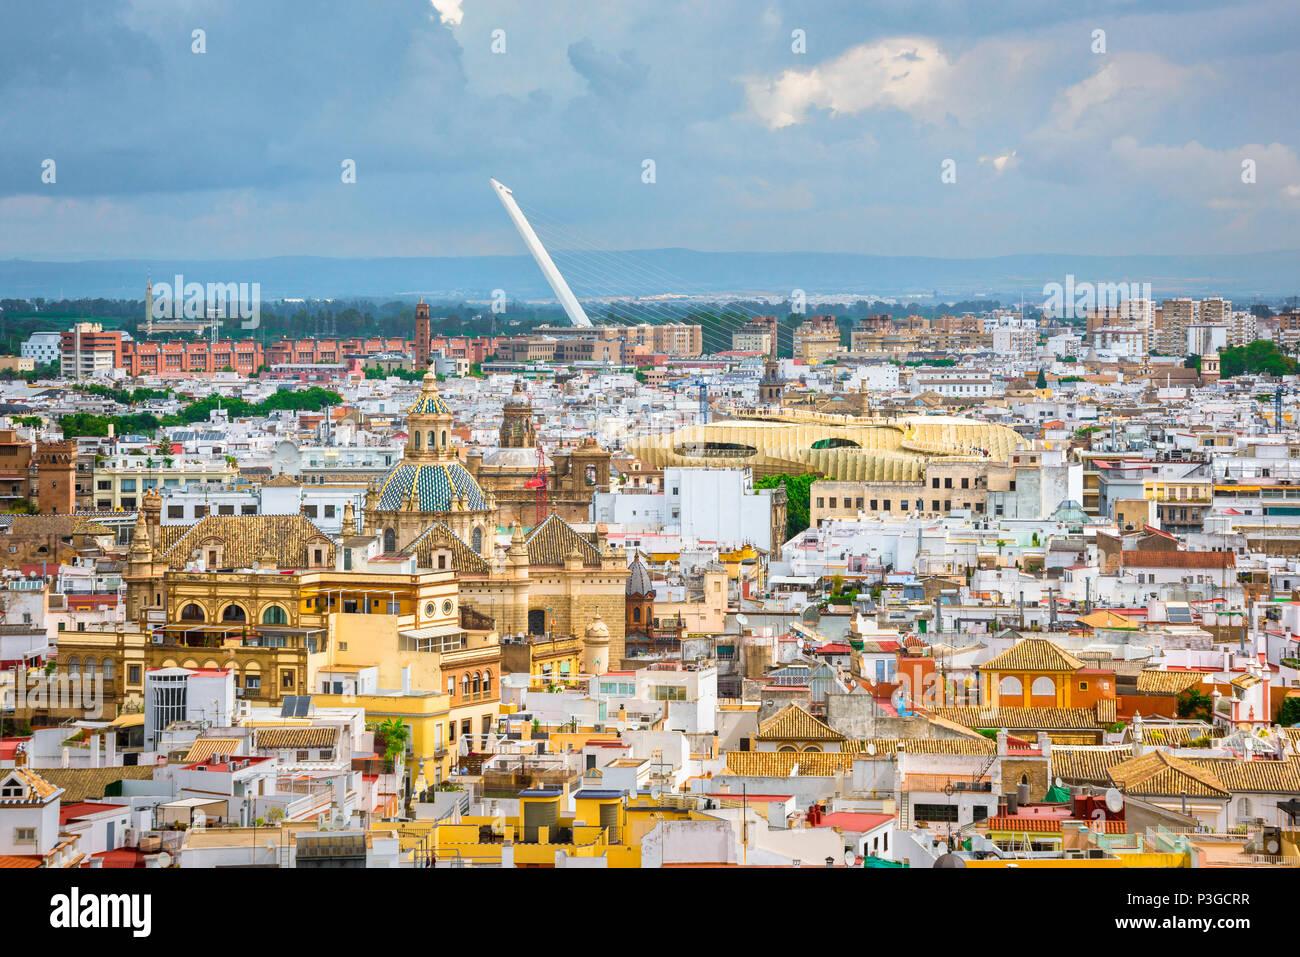 Vieille ville de Séville, vue aérienne de la vieille ville de Séville (Sevilla) avec Las Setas et le Puente del Alamillo visible dans la distance, de l'Espagne. Photo Stock